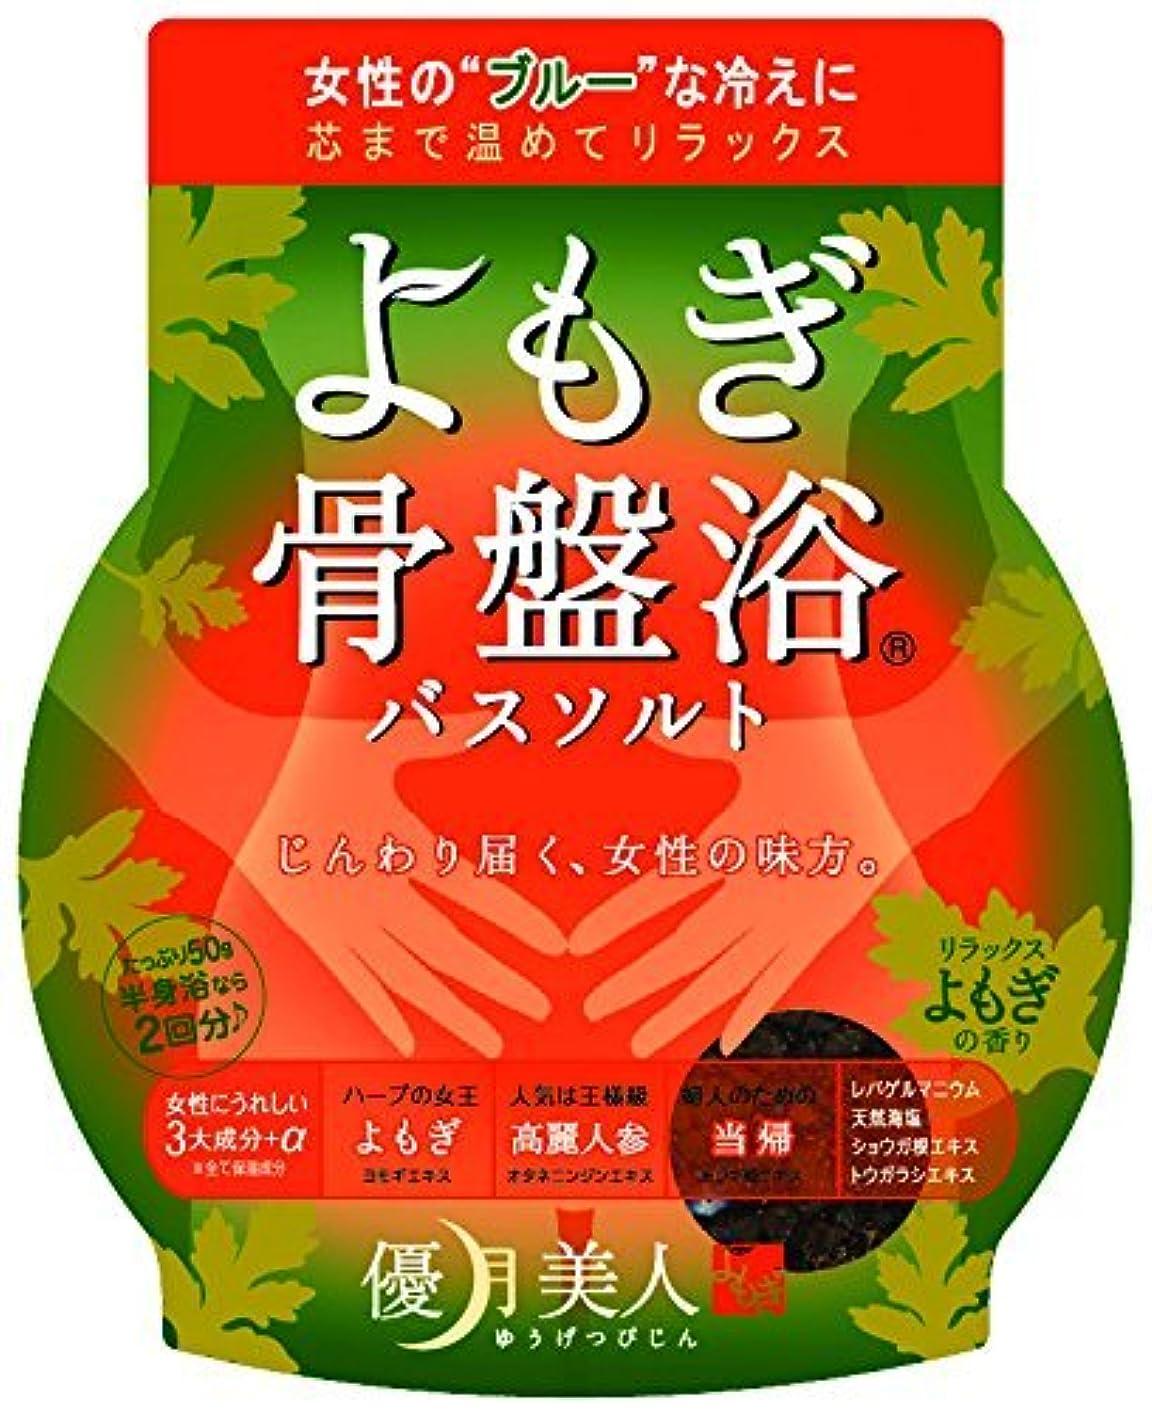 流すコア東ティモール【まとめ買い】優月美人 バスソルト よもぎの香り 50g ×8個